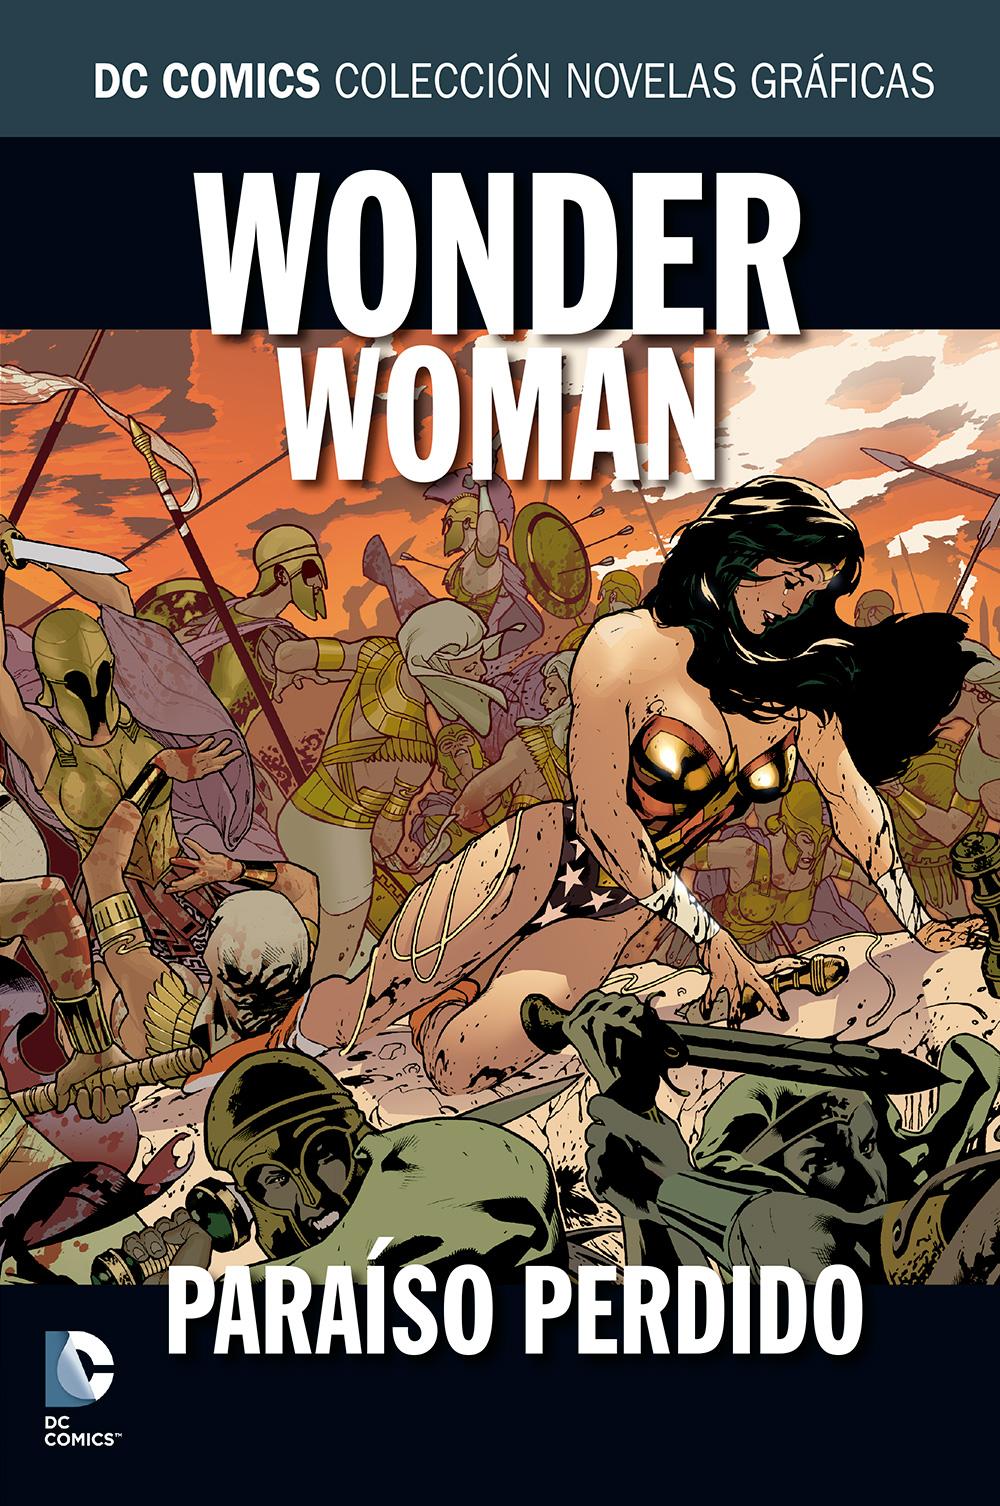 827-832 - [DC - Salvat] La Colección de Novelas Gráficas de DC Comics  - Página 26 SF118_021_01_001